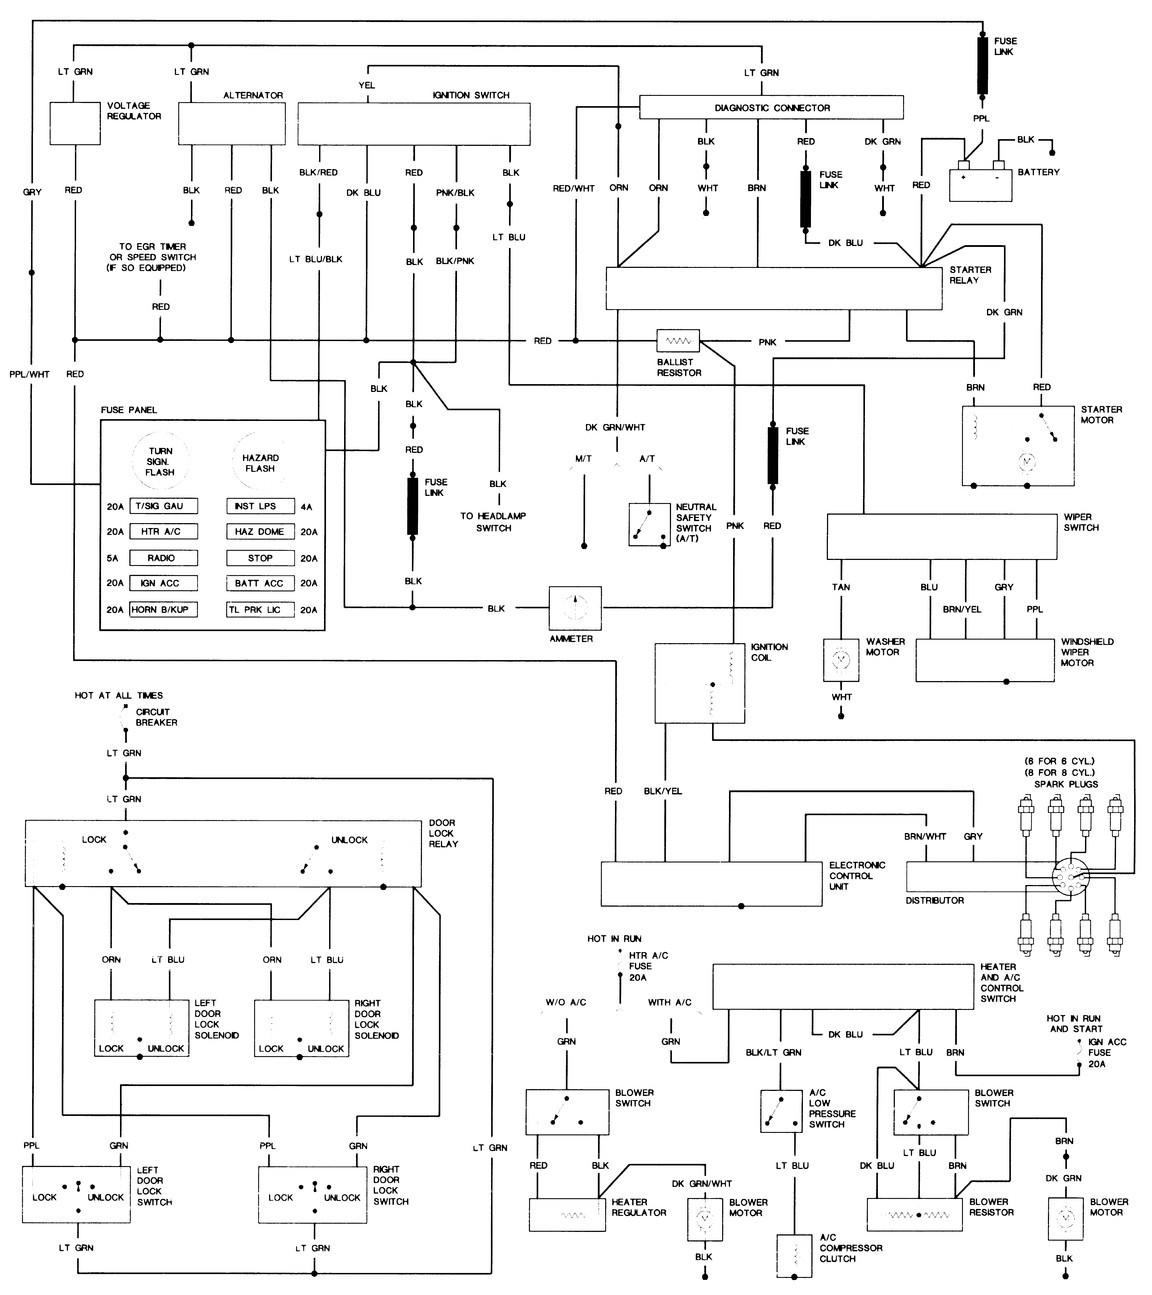 1985 Dodge Ramcharger Wiring - Jvc Car Stereo Wiring Diagrams for Wiring  Diagram SchematicsWiring Diagram Schematics